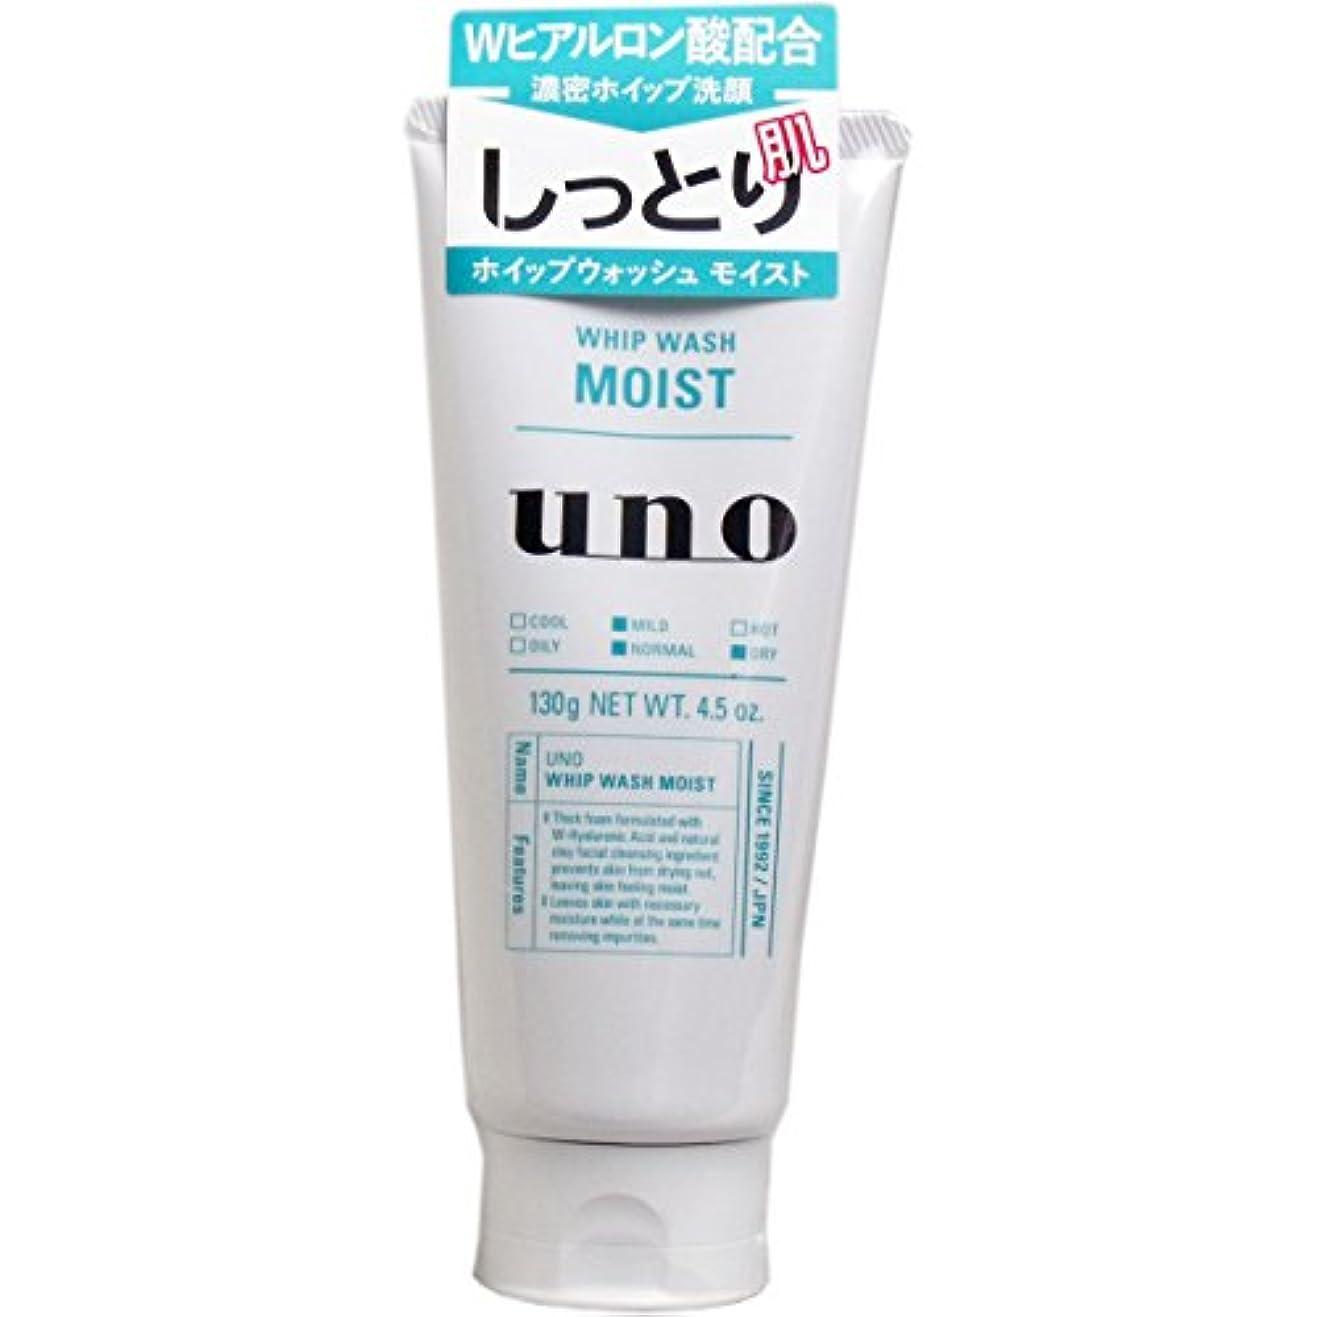 モルヒネ知覚的習熟度【資生堂】ウーノ(uno) ホイップウォッシュ (モイスト) 130g ×3個セット